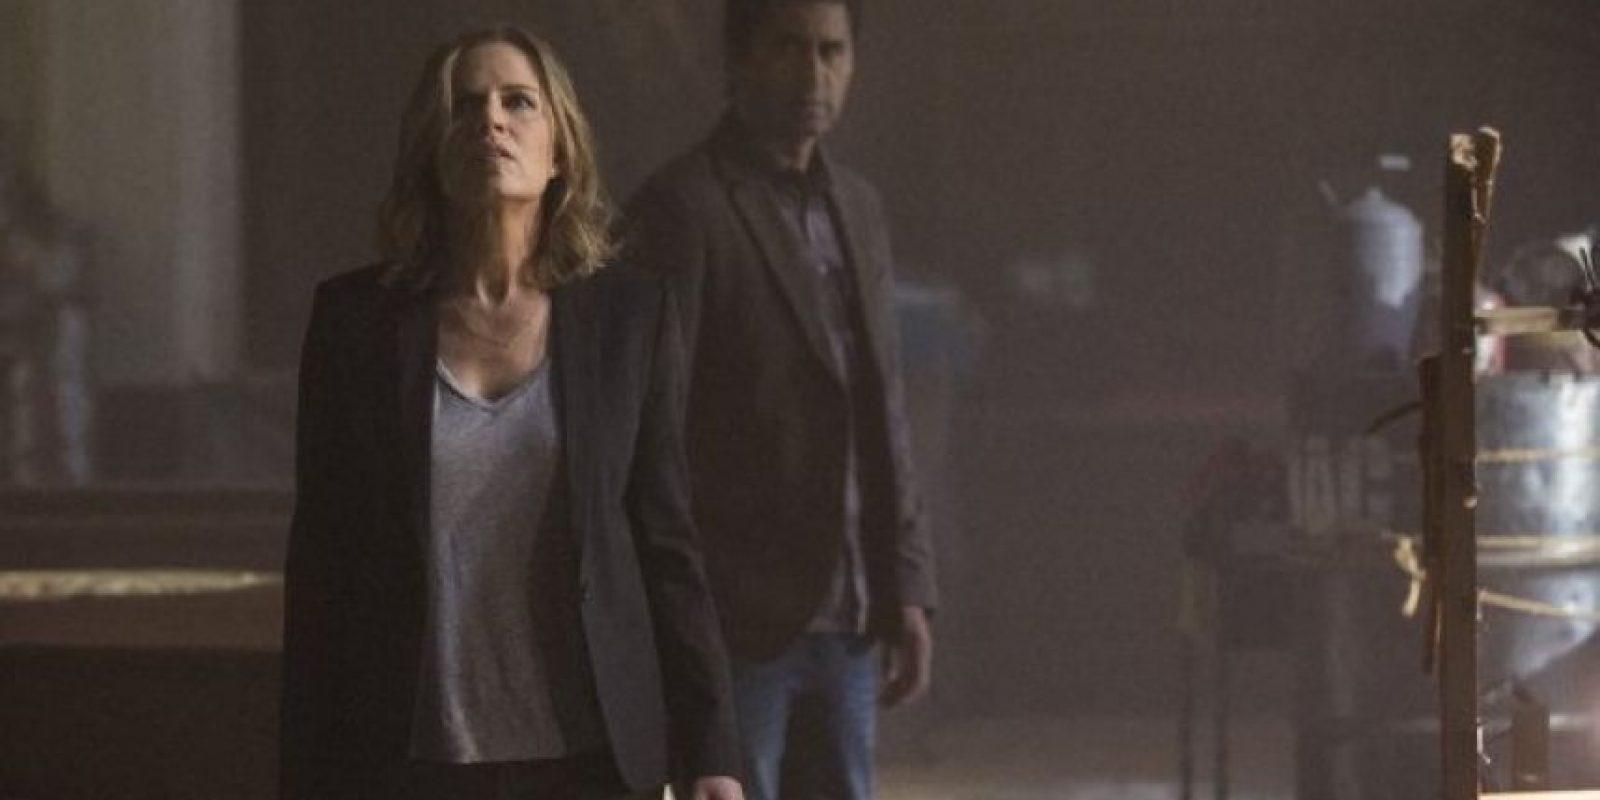 El spin-off revelará cómo se originó el apocalipsis zombi en Estados Unidos. Foto: IMDb